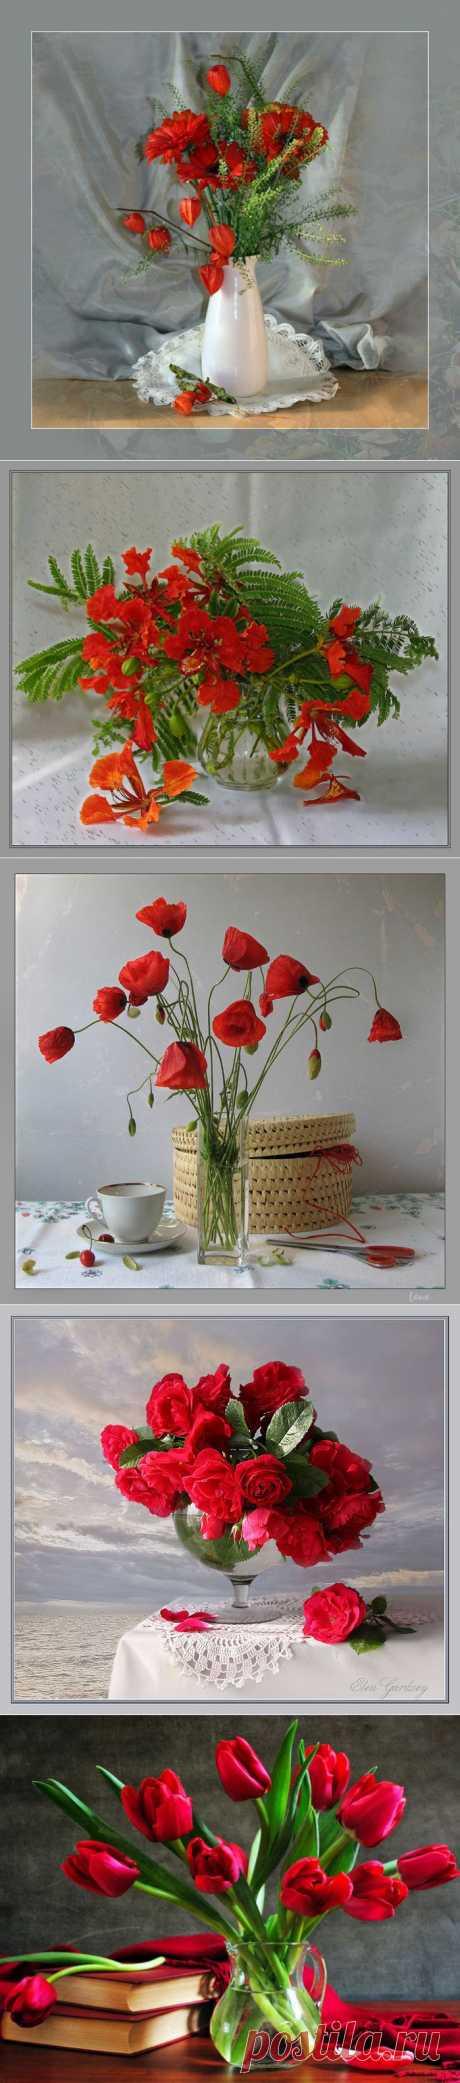 Натюрморт Красные цветы.